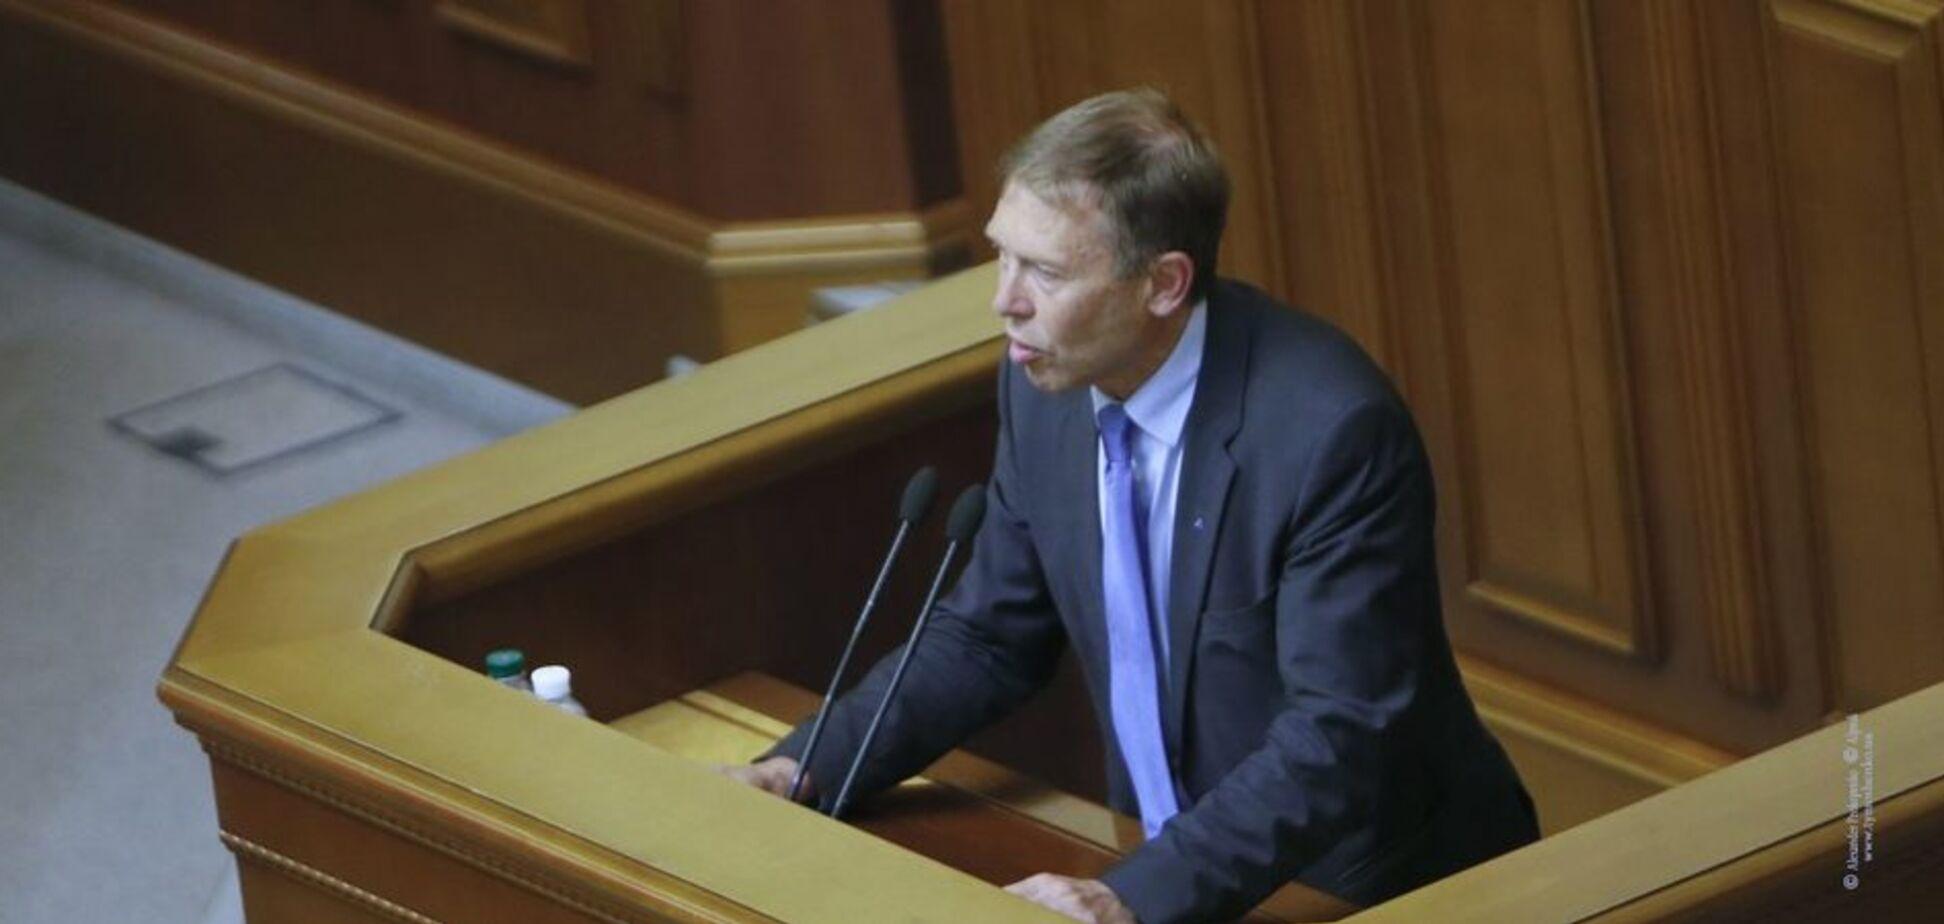 Команда Тимошенко не будет голосовать за бюджет: ни одна правка ''Батьківщини'' не учтена